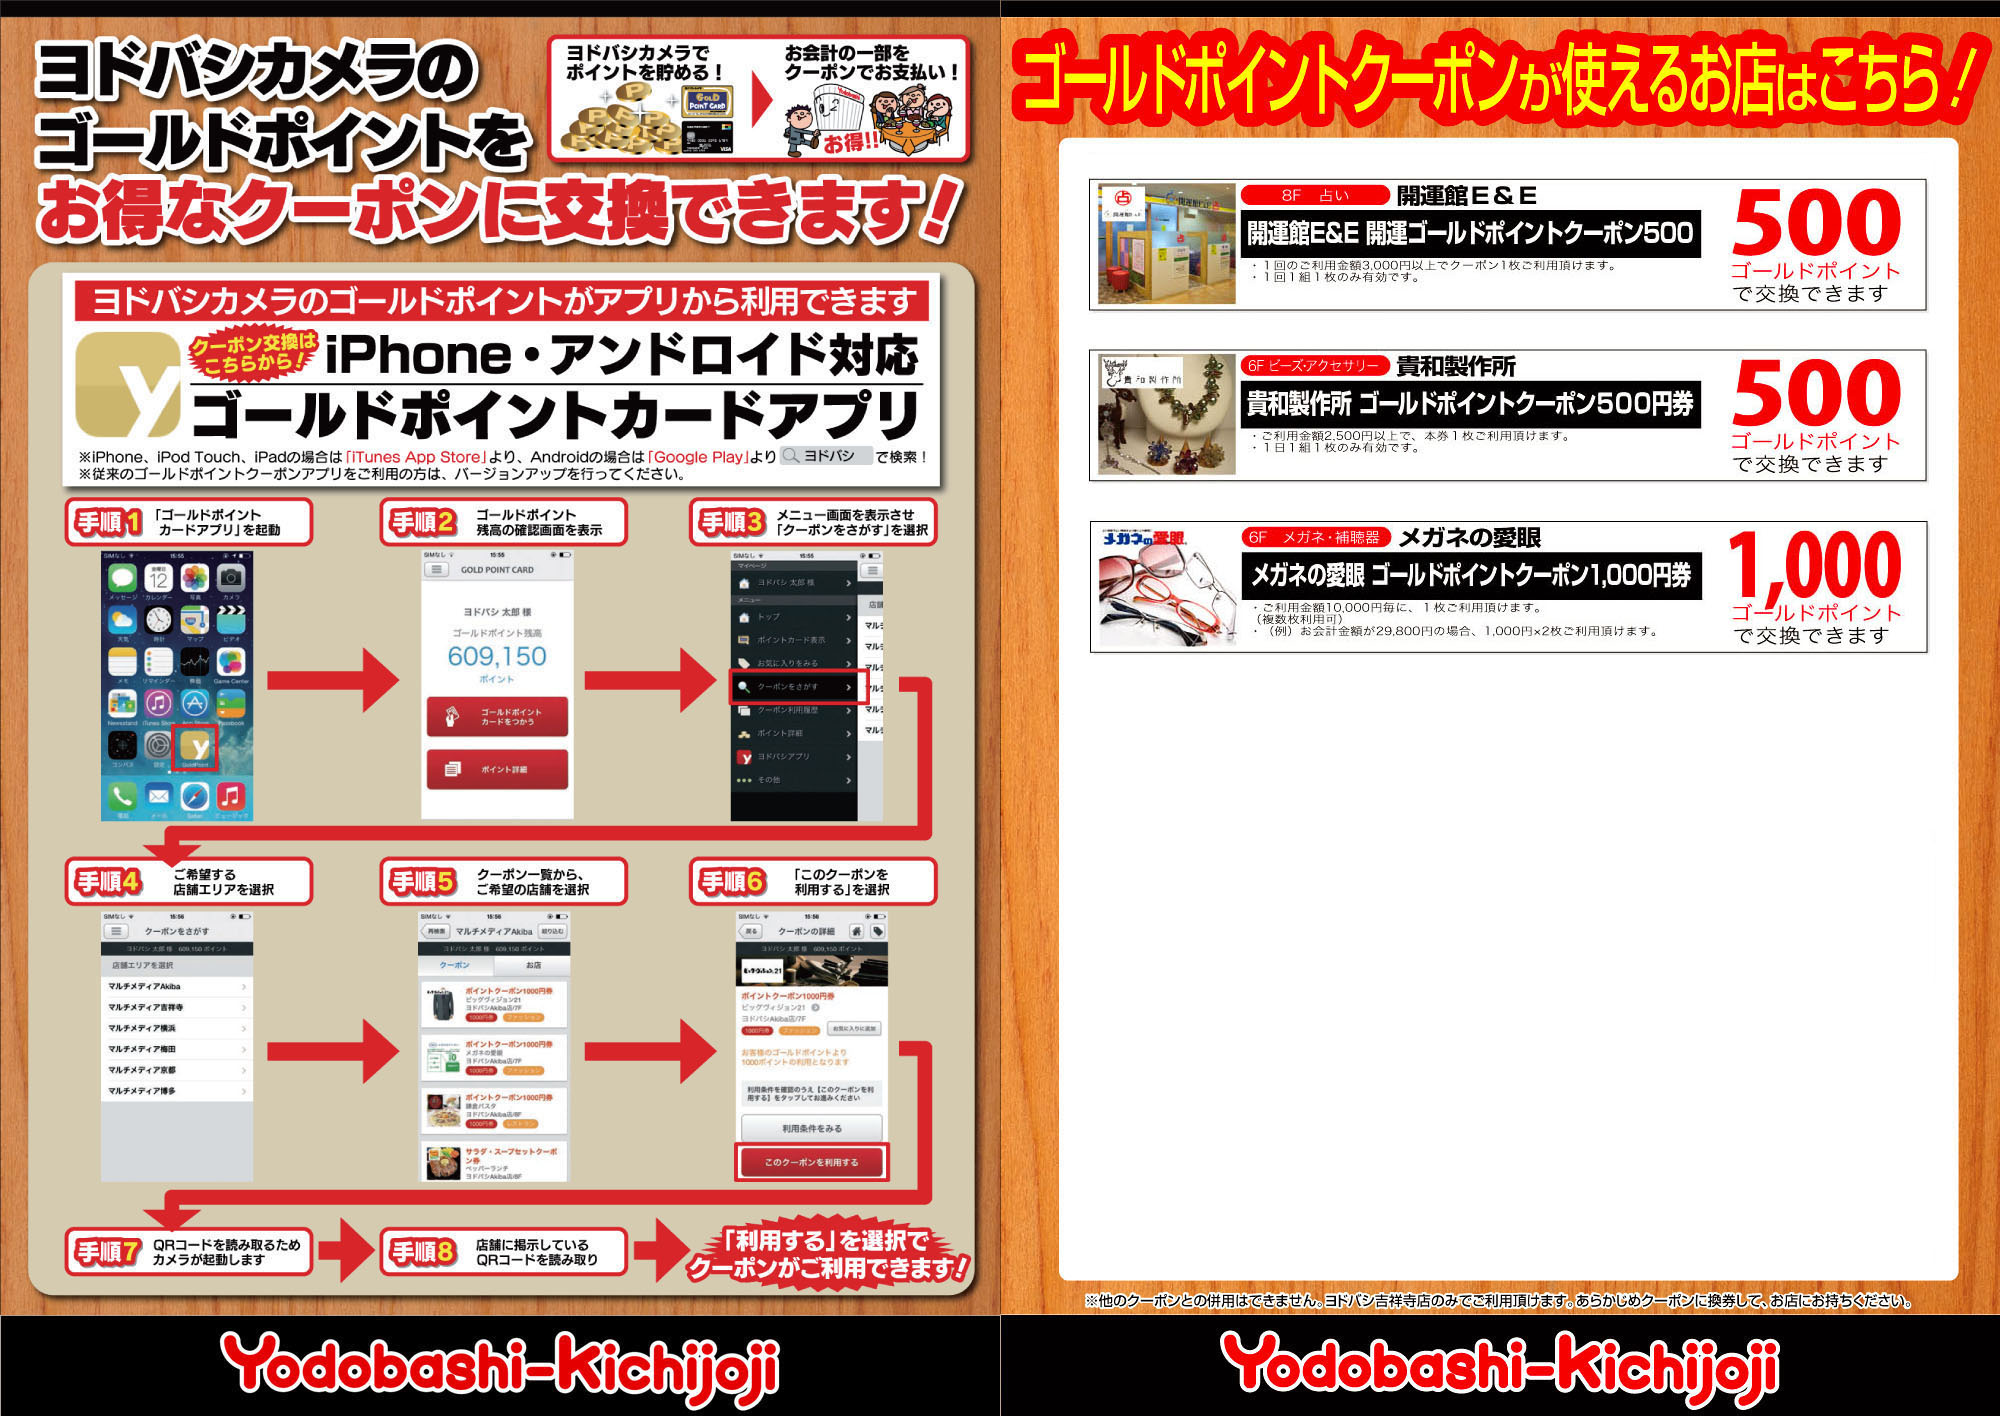 ショッピング ネット ヨドバシ カメラ